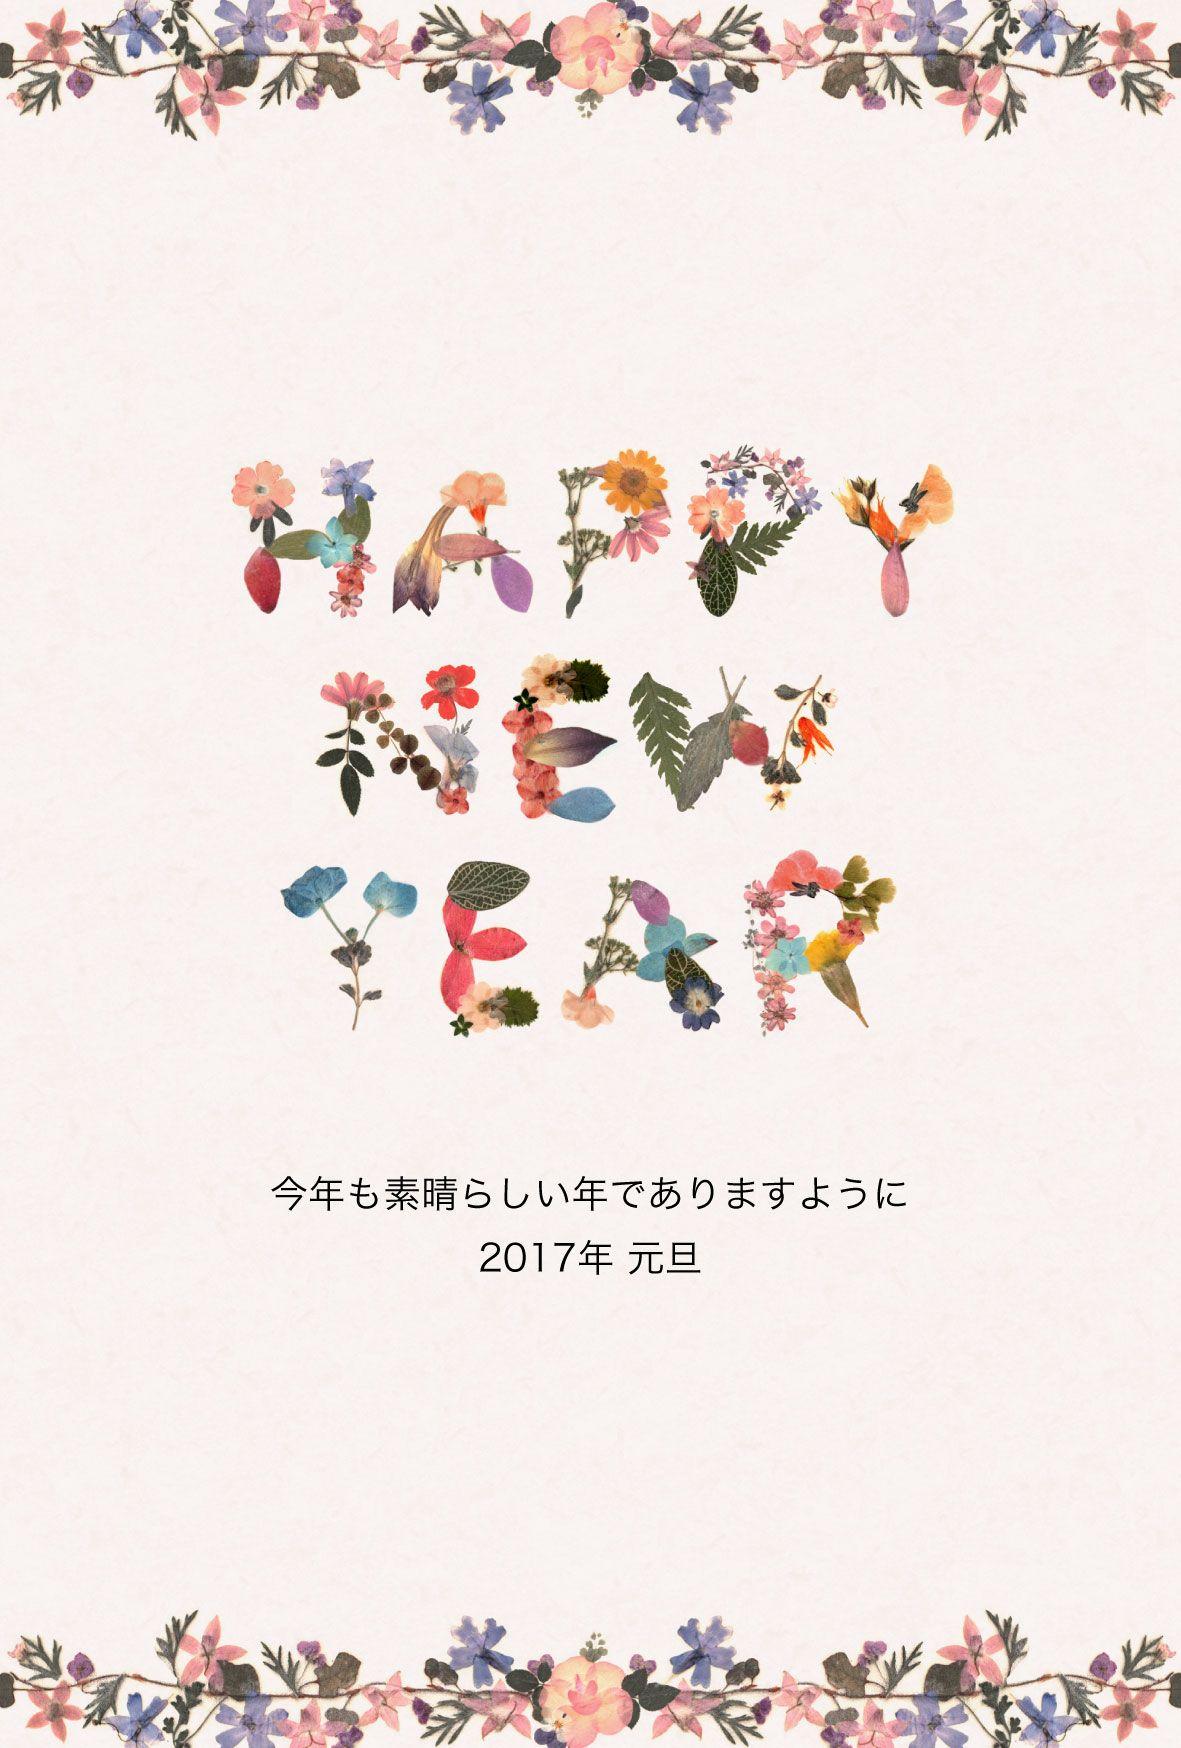 2017年 かわいい☆とりの年賀状無料のサイト集 2 | 歩夢のフェレット